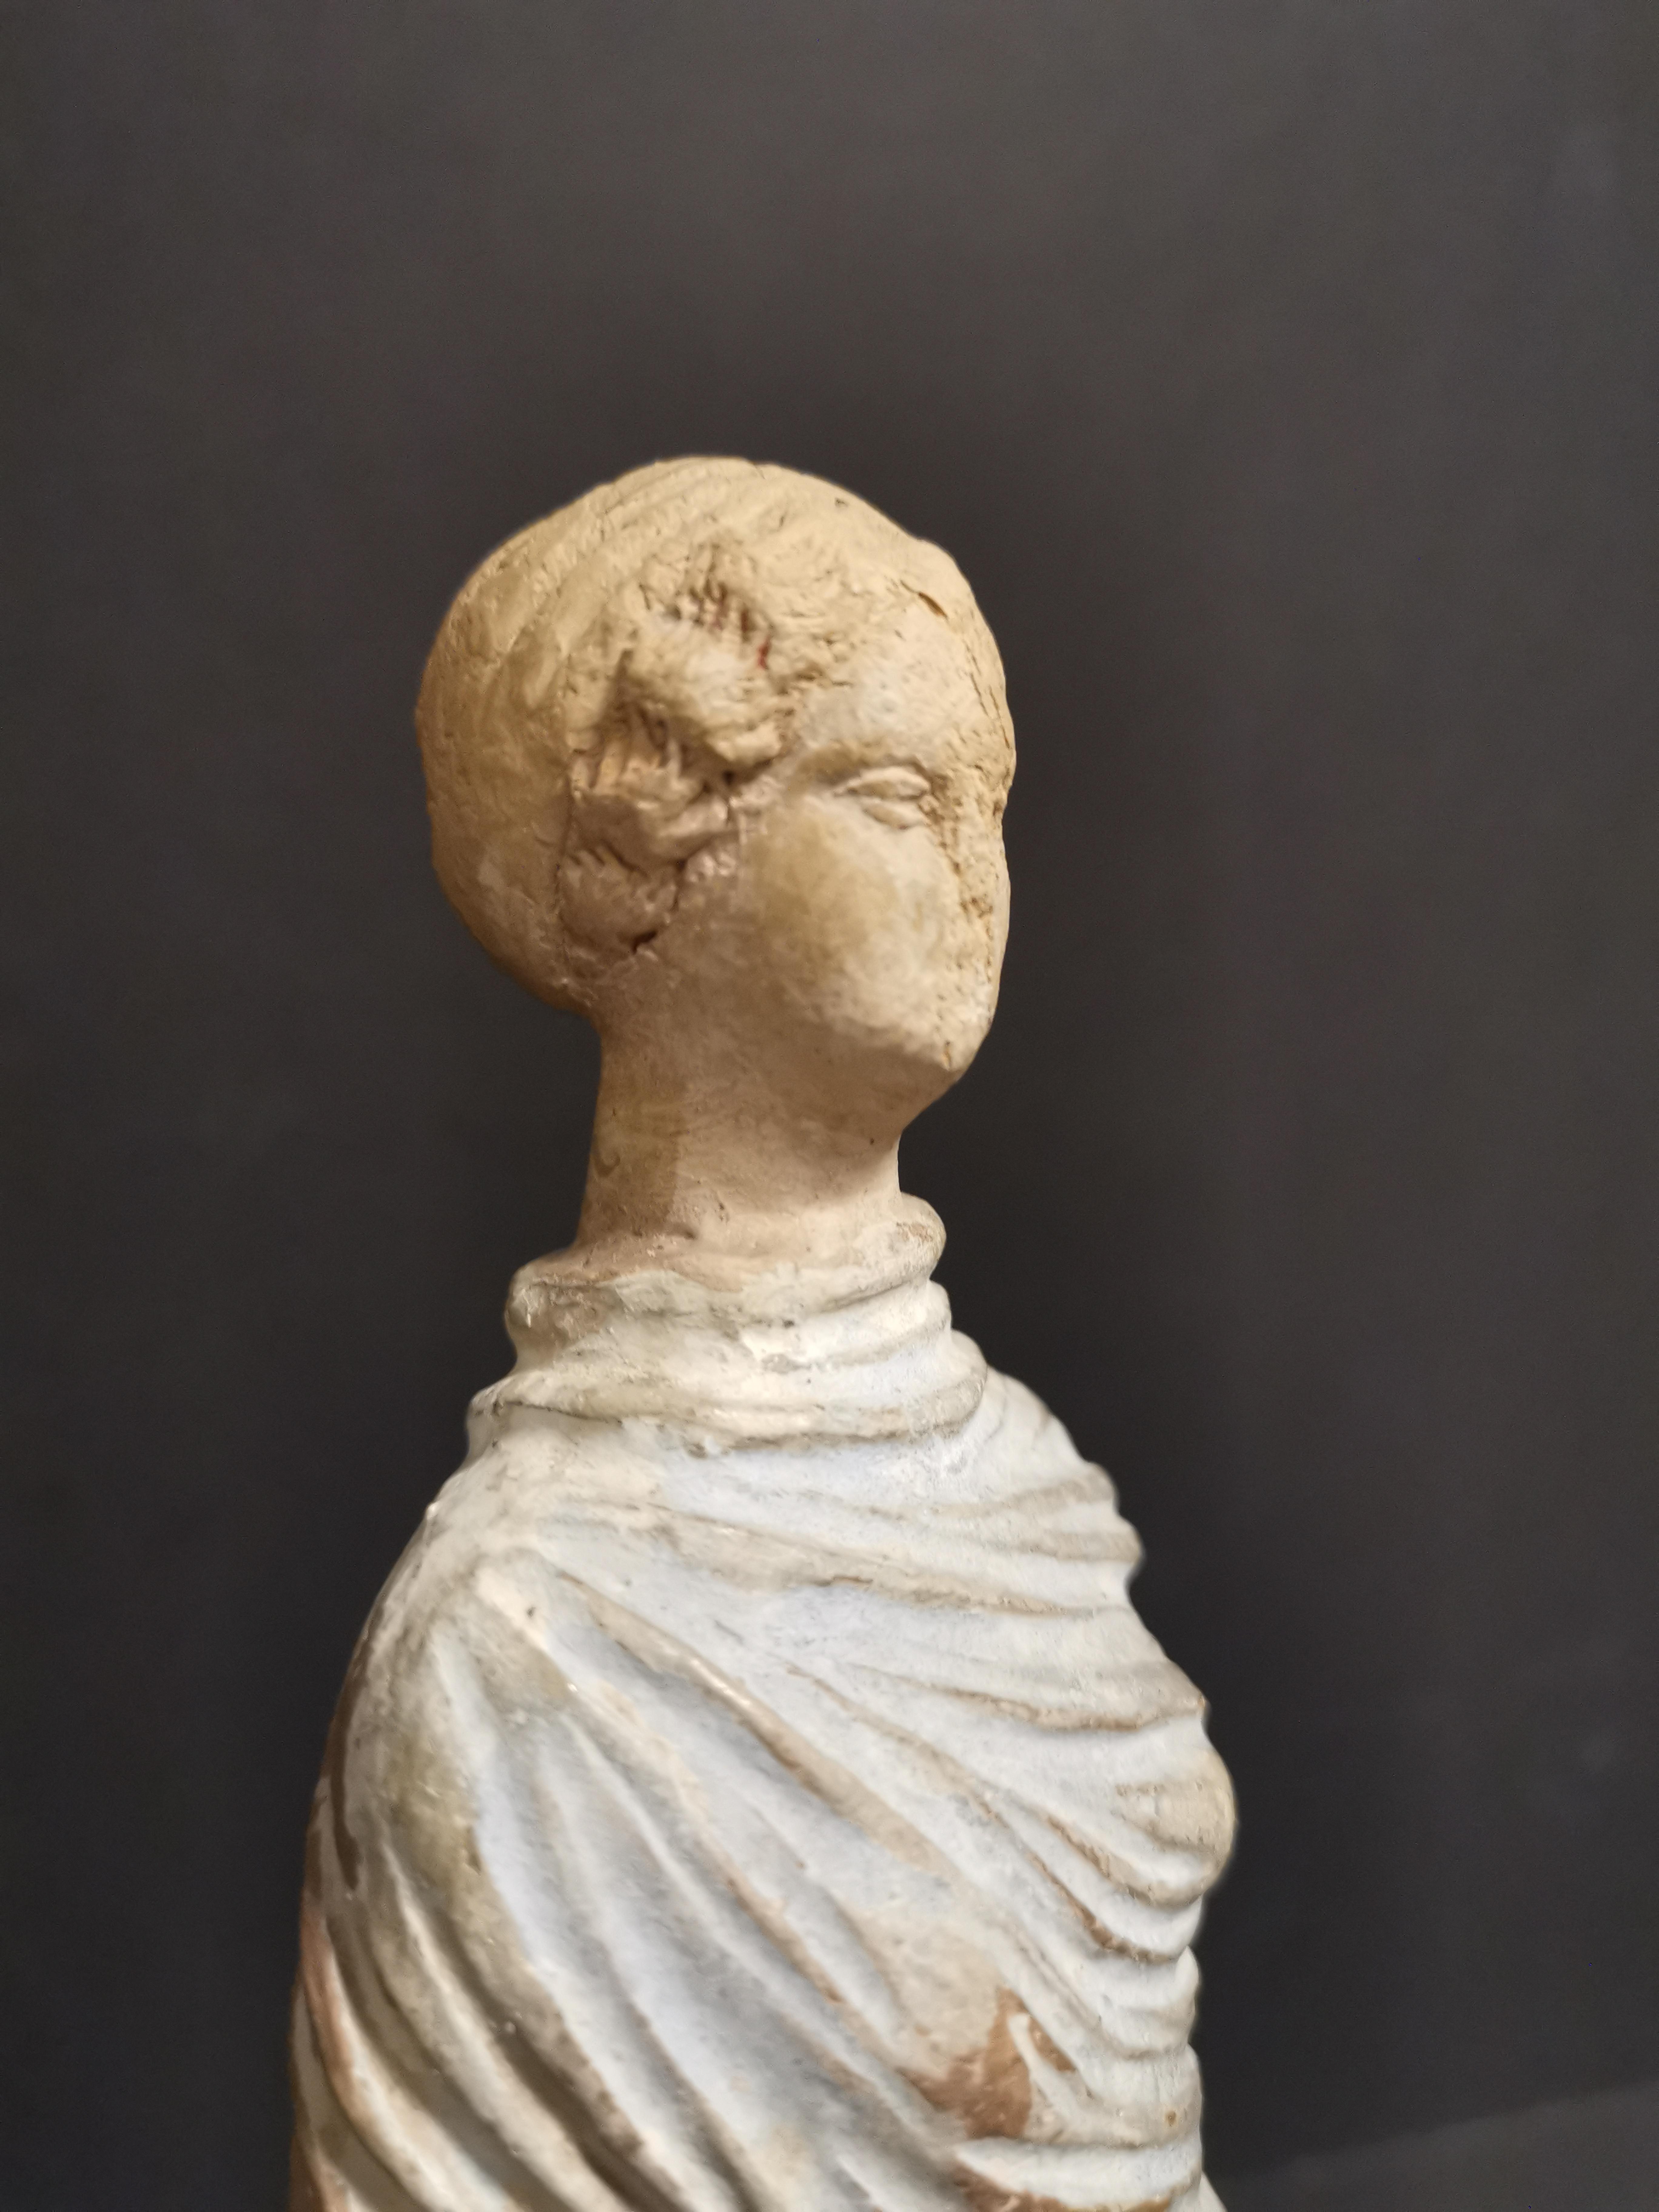 GRECE, dans le goût de. Tanagra en terre cuite représentant un personnage féminin [...] - Image 6 of 8